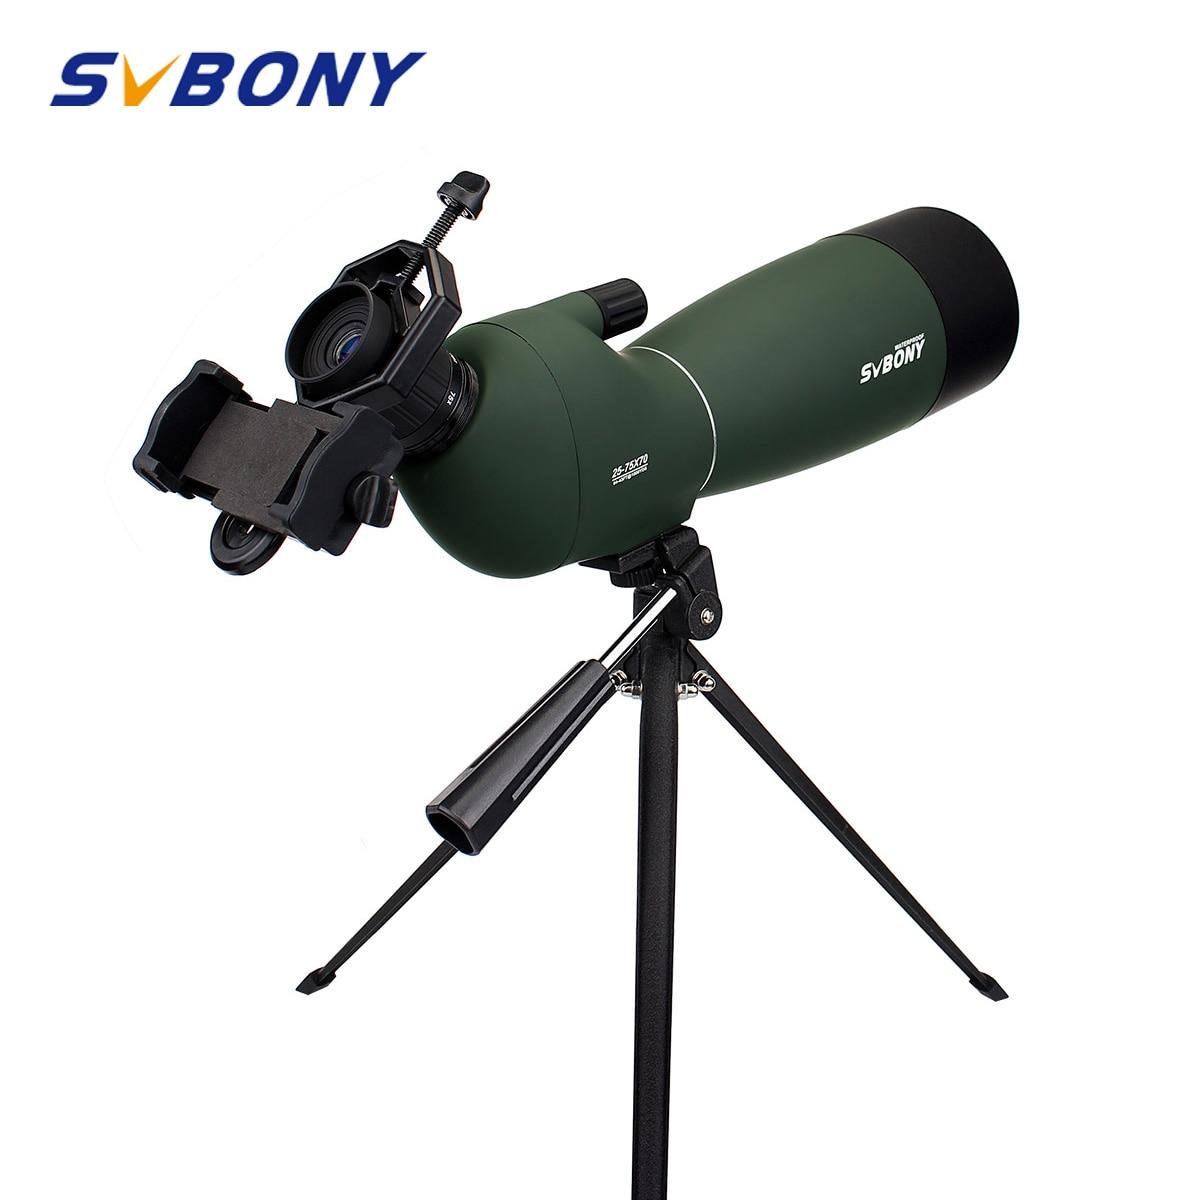 Svbony SV28 50/60/70mm Spotting Scope Zoom Telescoop Waterdichte Birdwatch Jacht Monoculaire & Universele Telefoon Adapter mountF9308 buitenoptiek voor jagen, schieten, boogschieten, vogels kijken,